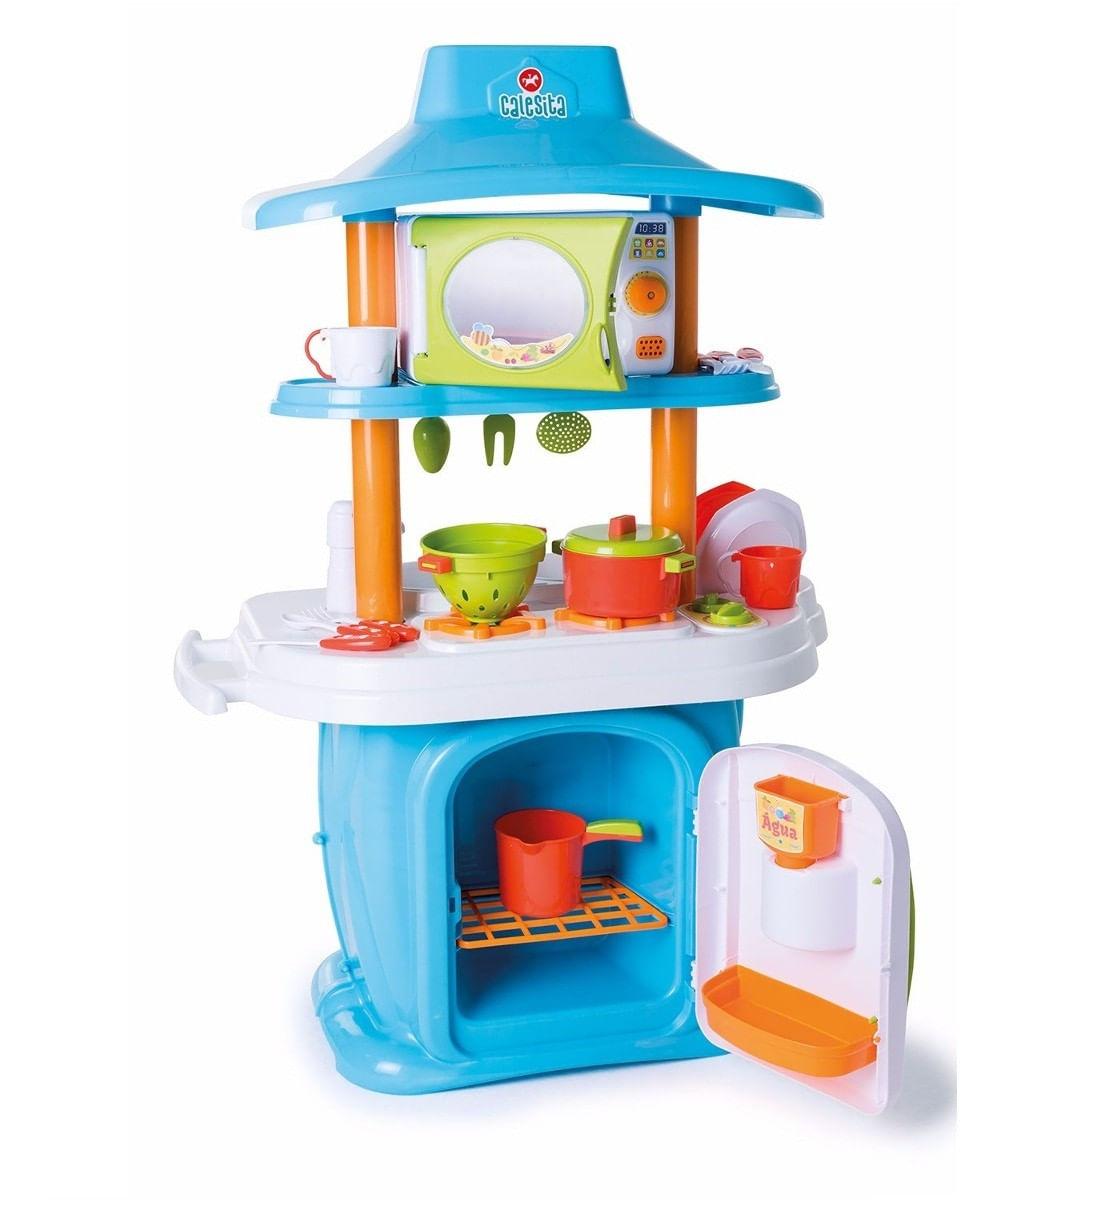 Cozinha Infantil Le Grand Chef Jr Azul E Branco Cal1311 Bumerang